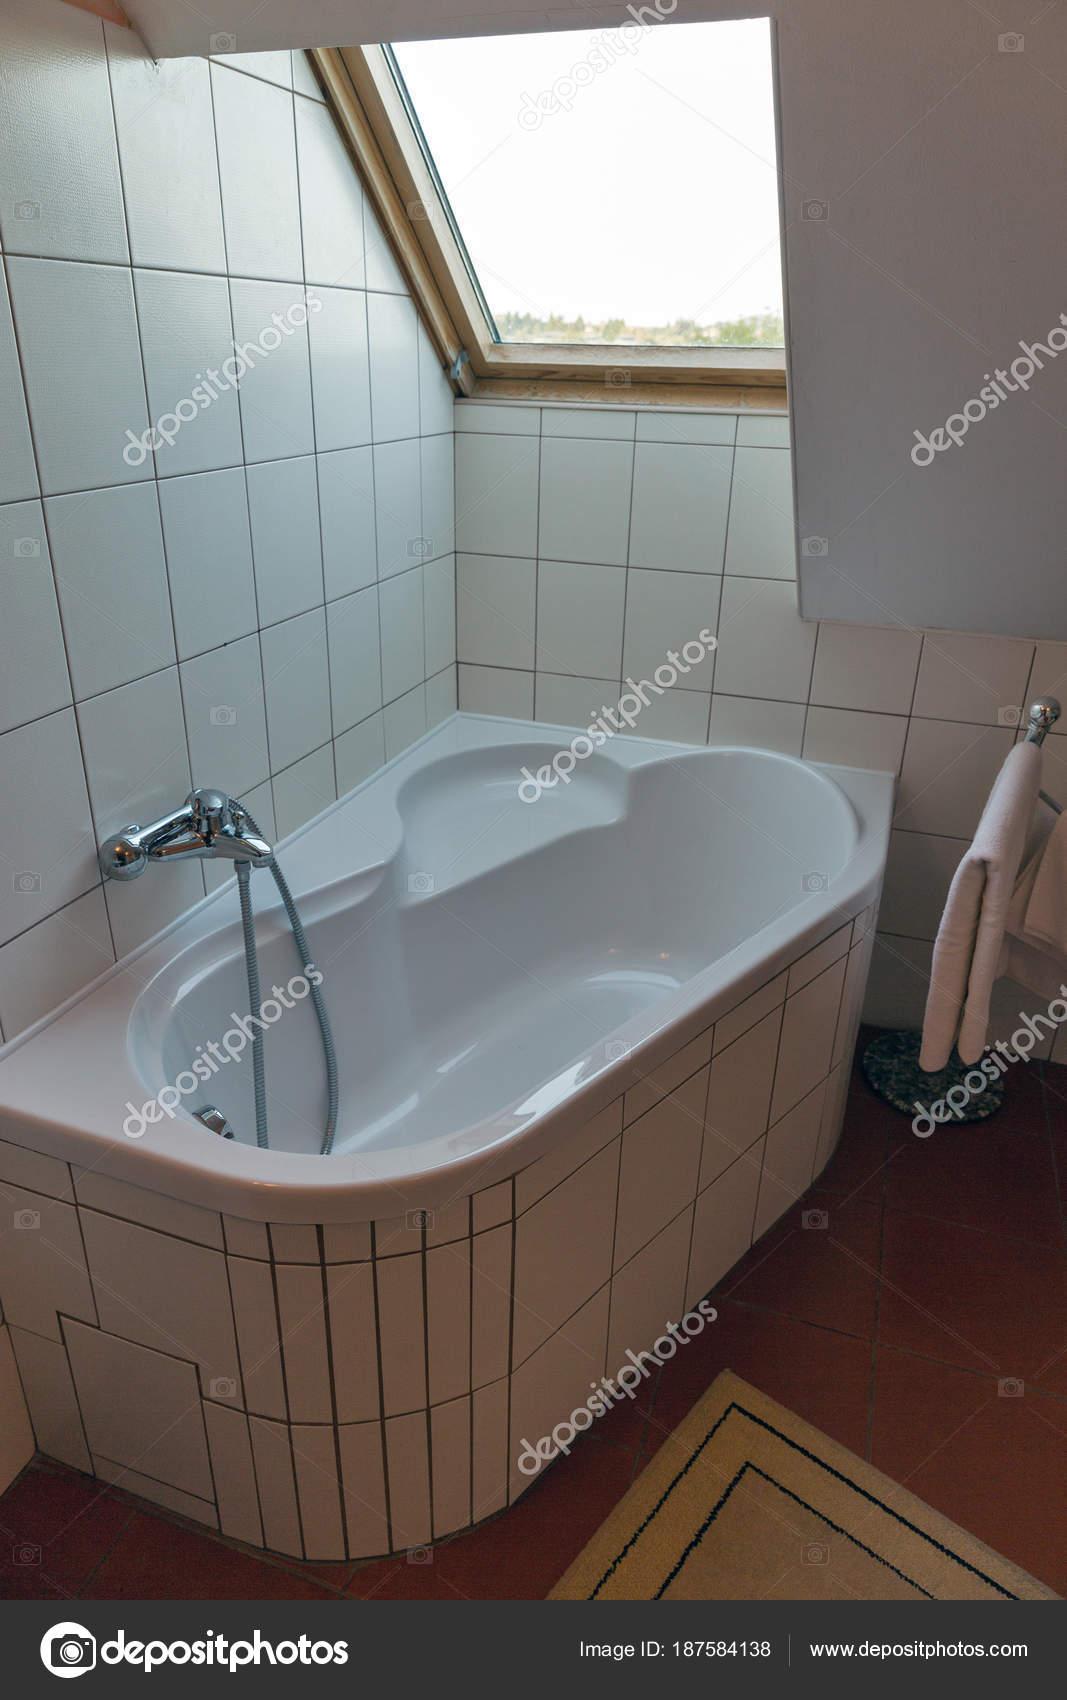 Modernes Bad Mit Eckbadewanne Und Fenster Stockfoto C Panama7